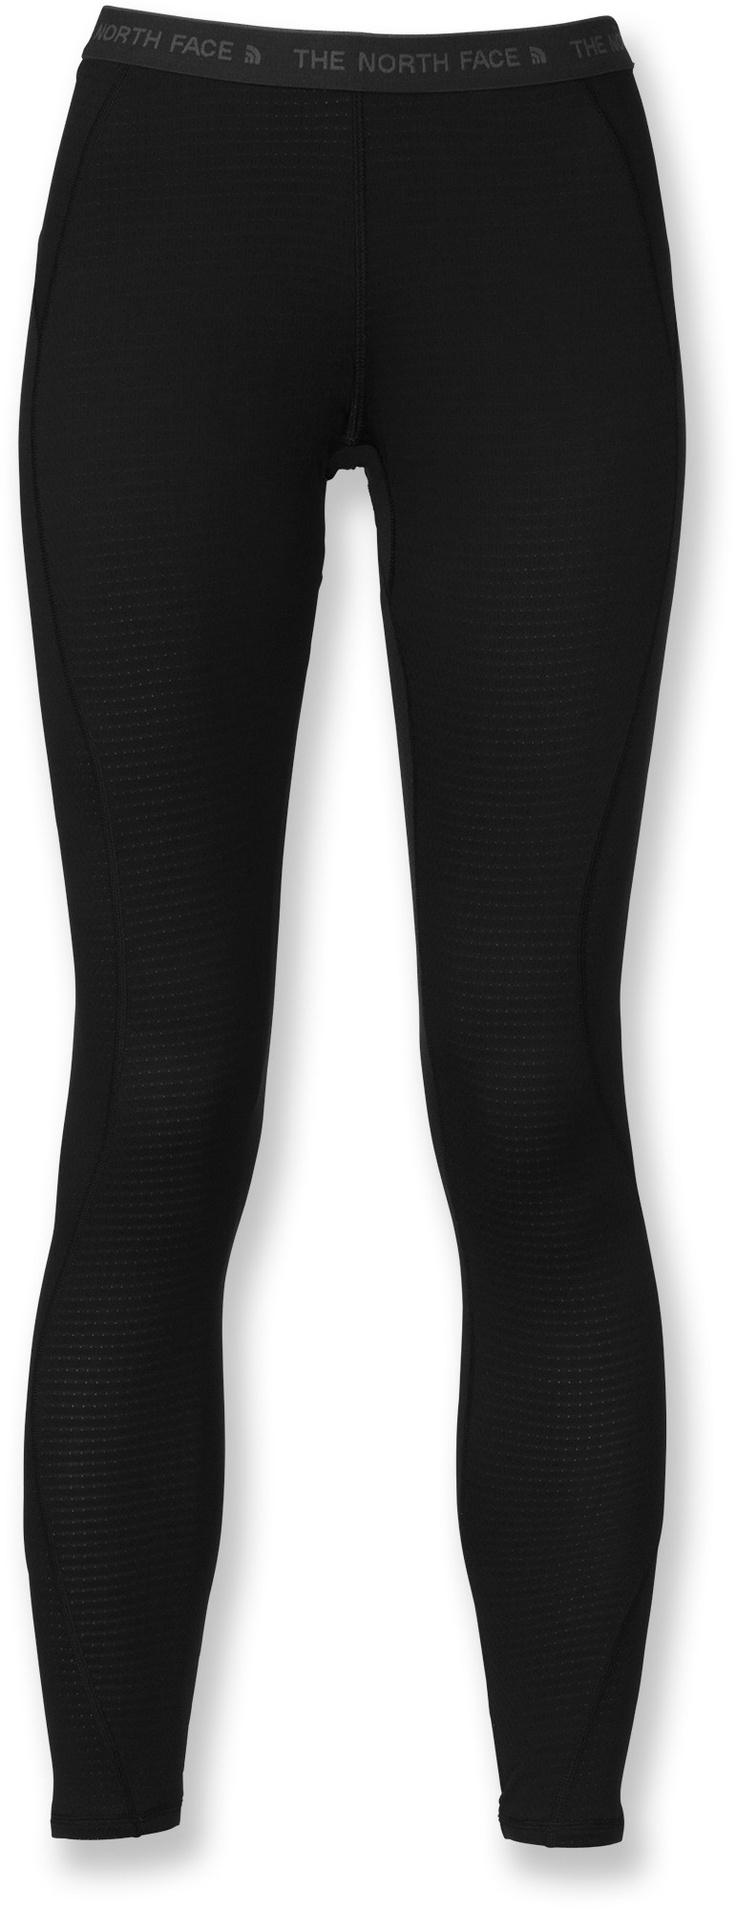 17 best ideas about Long Underwear on Pinterest   Great white ...